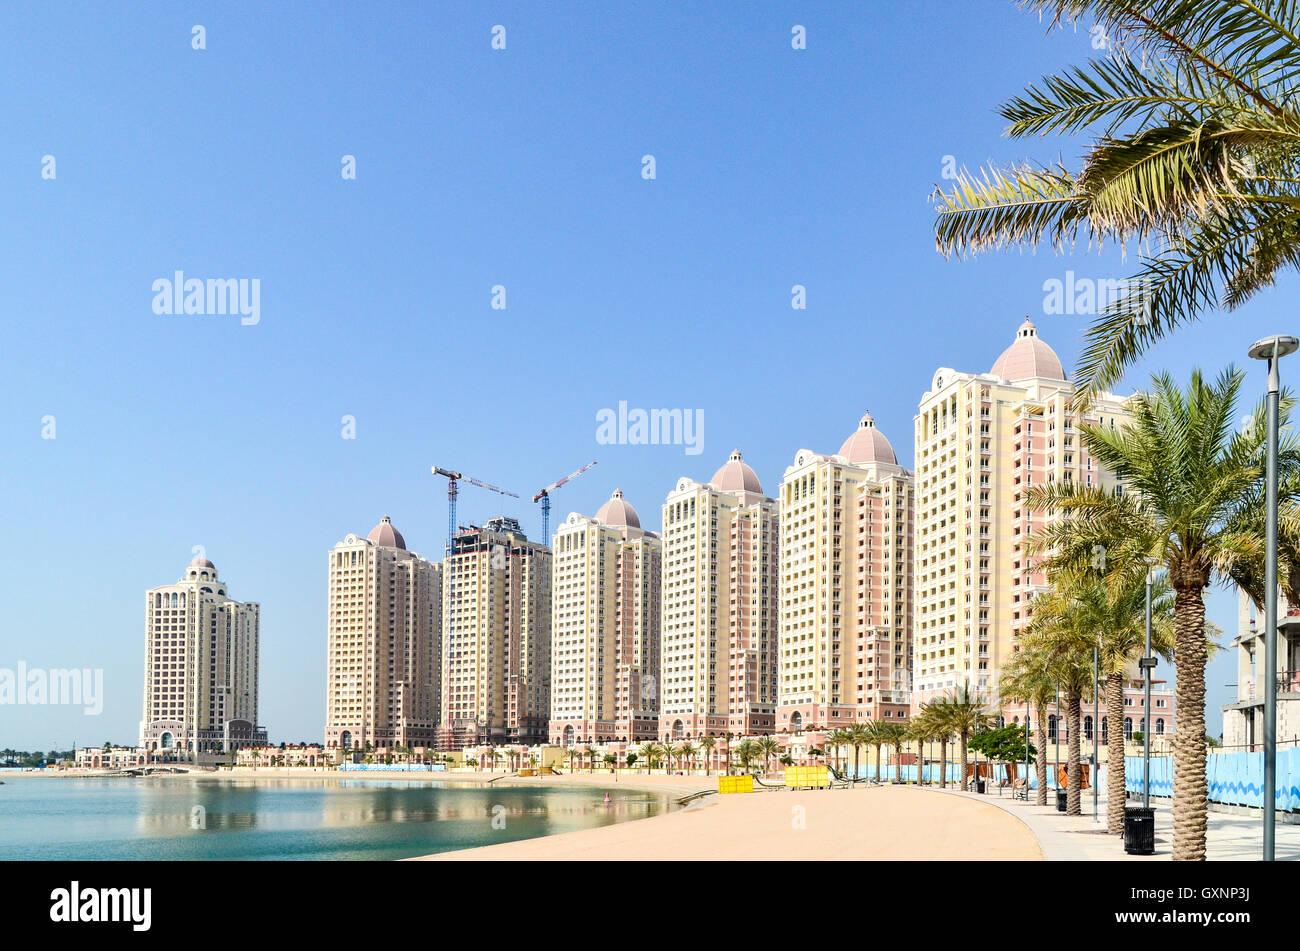 Viva Bahriya, Bau der neuen Wohntürme auf der künstlichen Insel The Pearl-Katar Stockbild